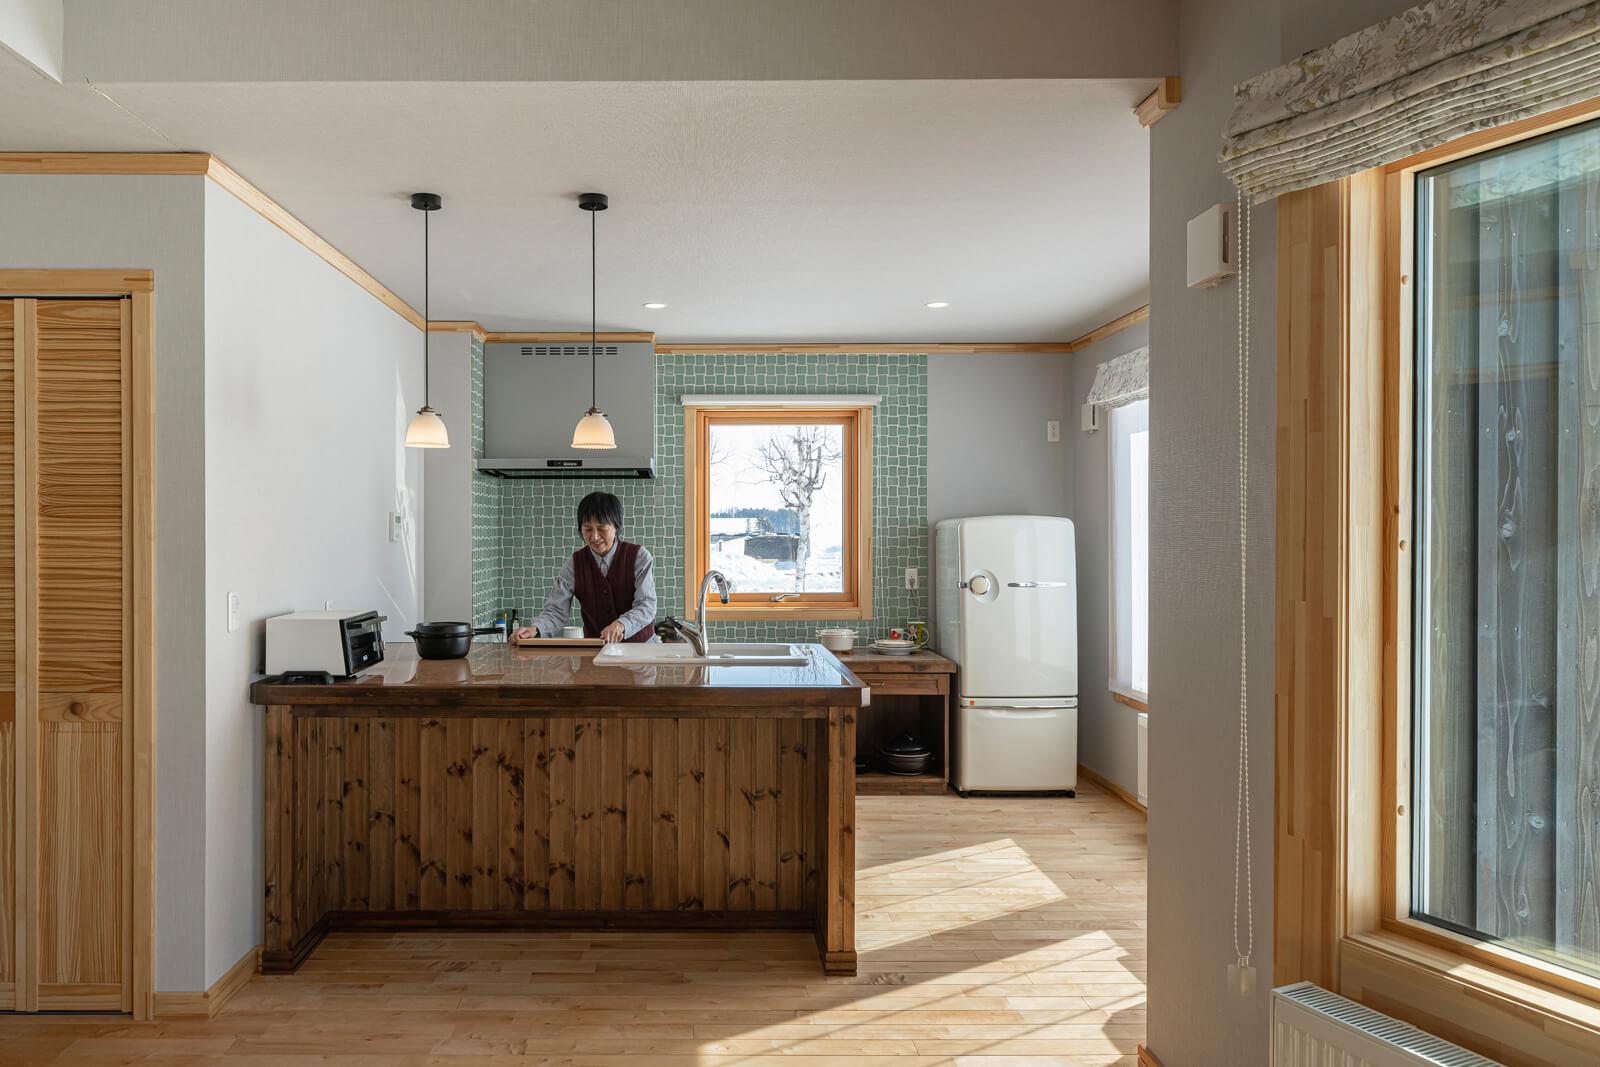 グリーンのタイル壁をアクセントにしたキッチンも、造作仕様。シンクやガス台は、奥さんの使い勝手が良い高さに調整した